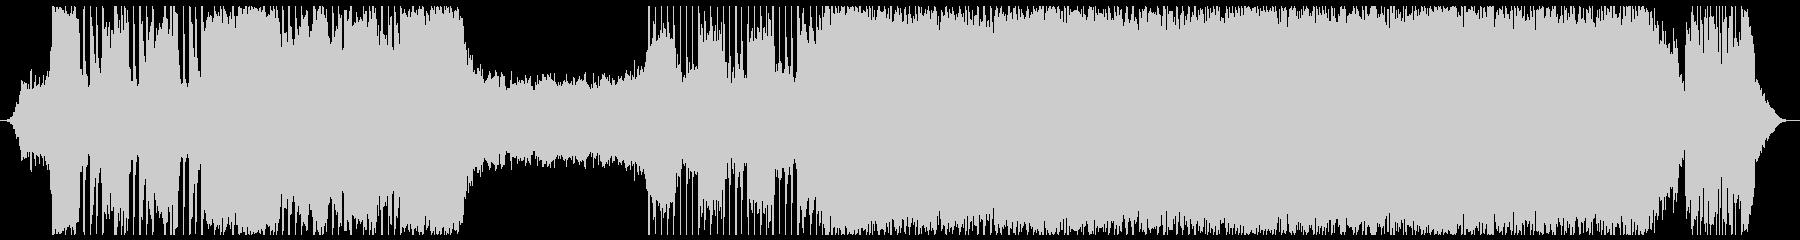 スポーティーなロック (60 Ver)の未再生の波形